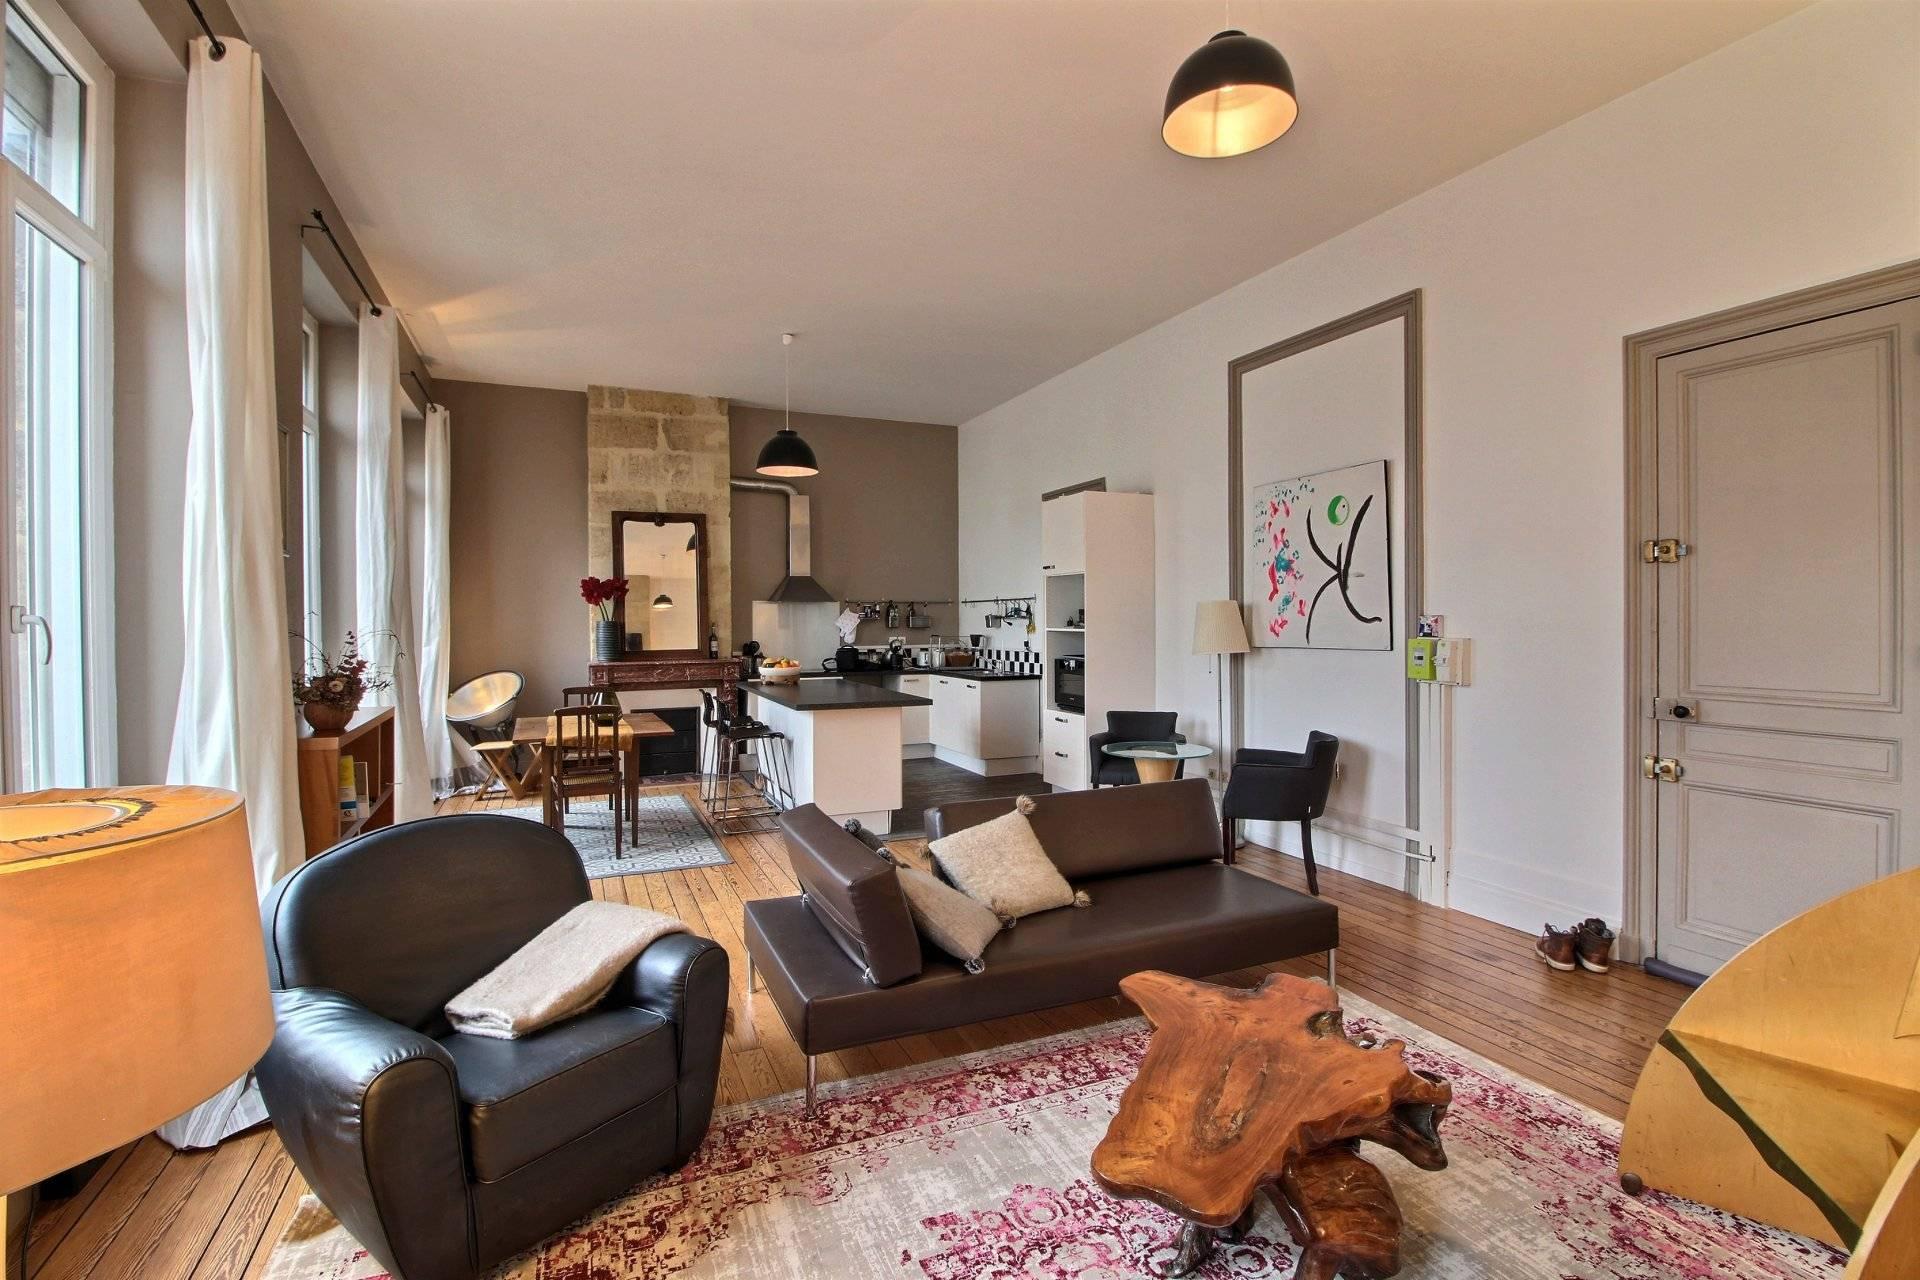 Vente appartement duplex rénové 4 chambres Bordeaux Chartrons